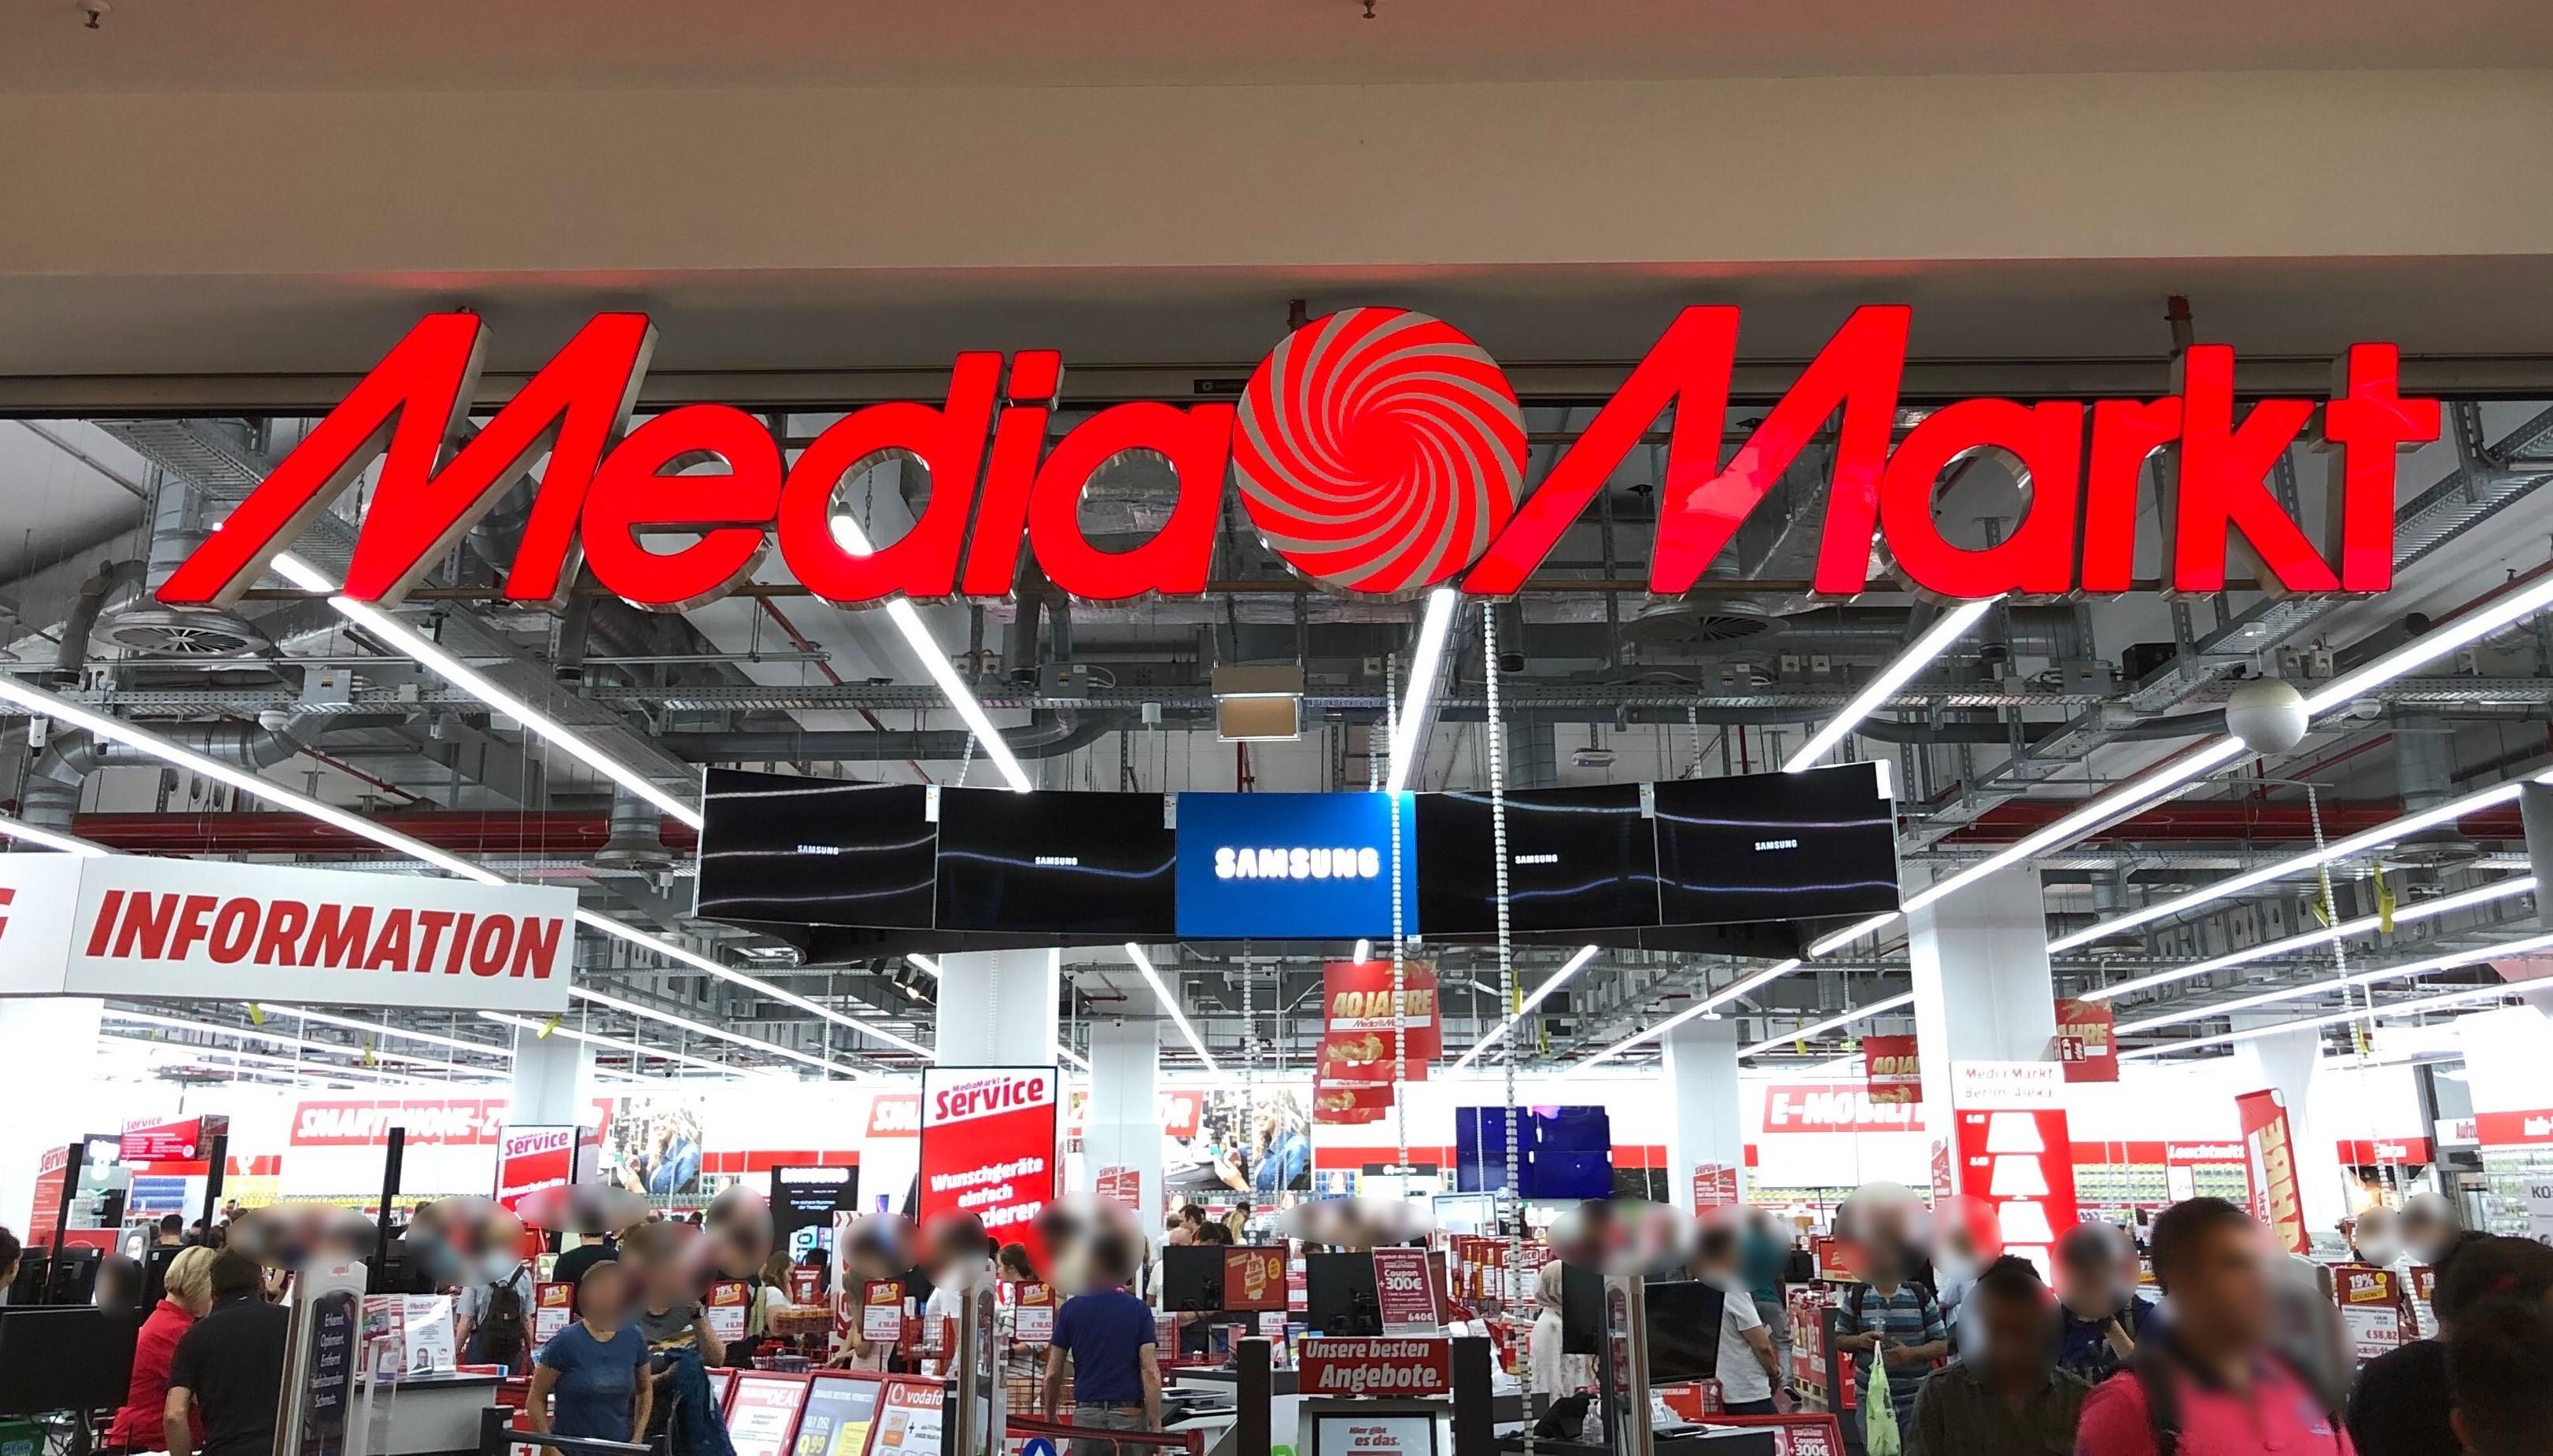 Mediamarkt Sd Karte.40 Jahre Mediamarkt Prospekt Check Die Besten Angebote In